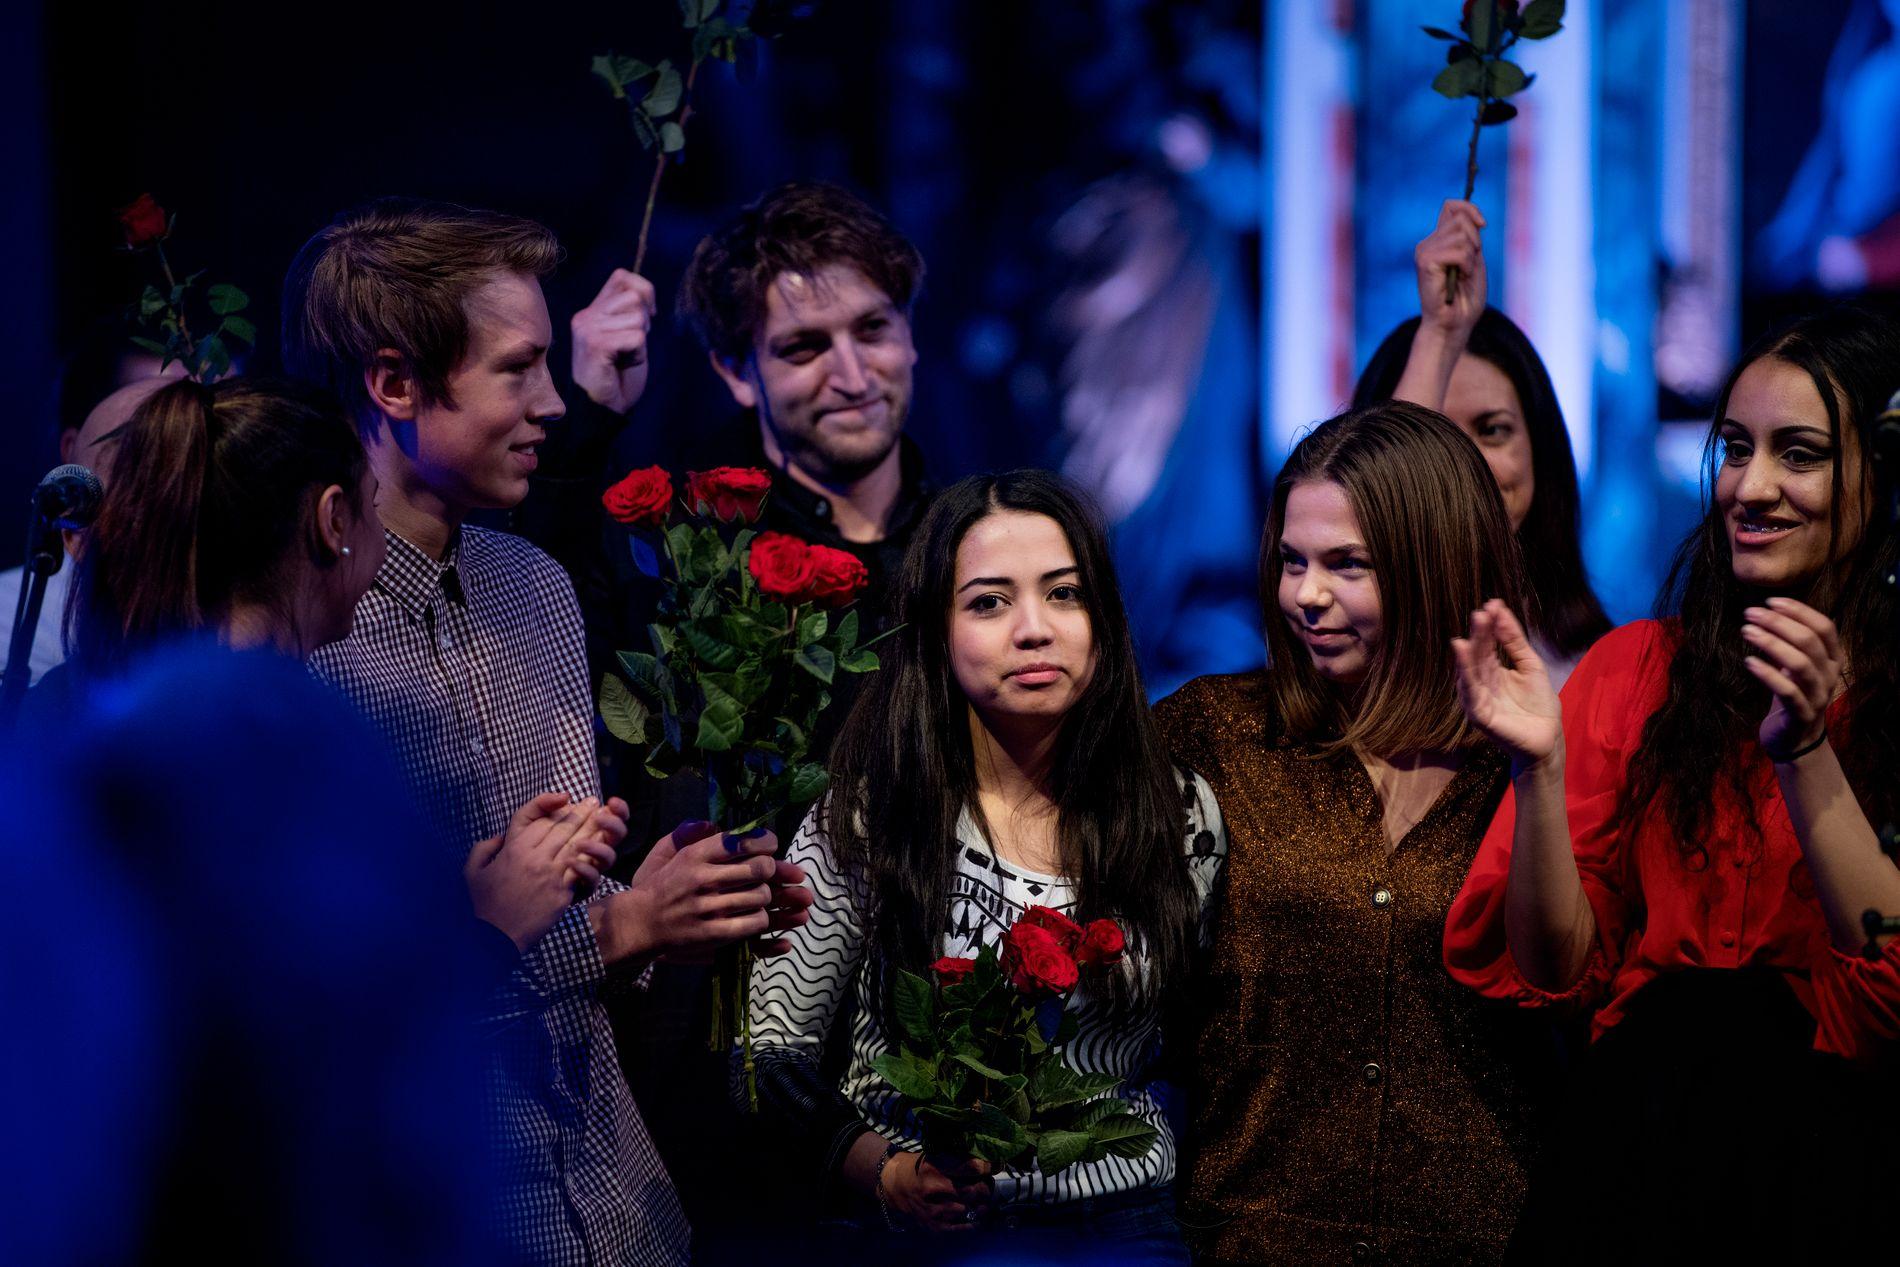 HJEM I DAG: Søsknene skal etter planen flys tilbake til Norge fra Tyrkia i dag. Her fra en støttekonsert for familien i 2018.